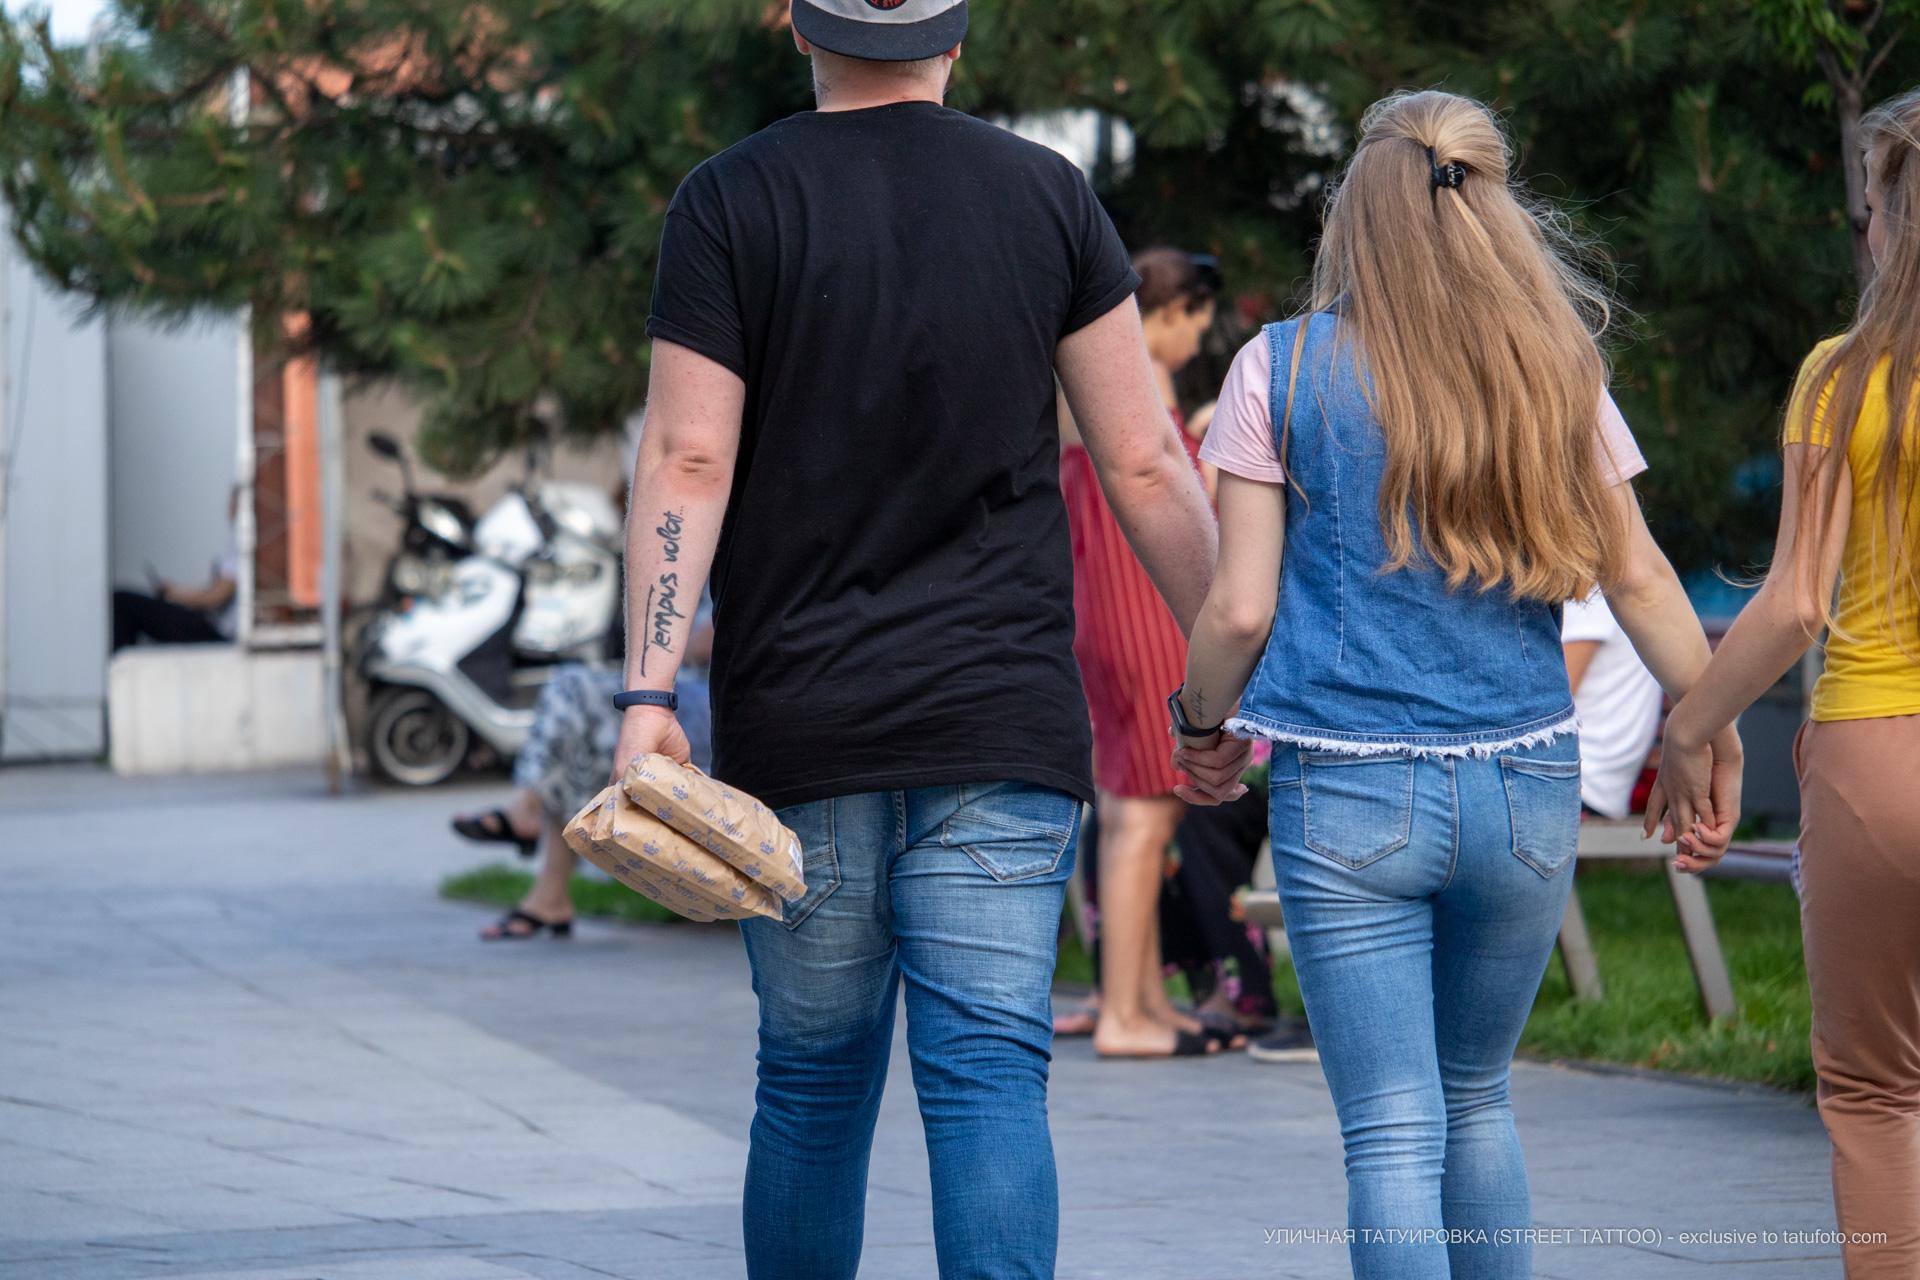 Фото тату с надписью tempus volat – время летит на руке парня - Уличная татуировка (street tattoo) № 06 – 18.06.2020 – tatufoto.com 1